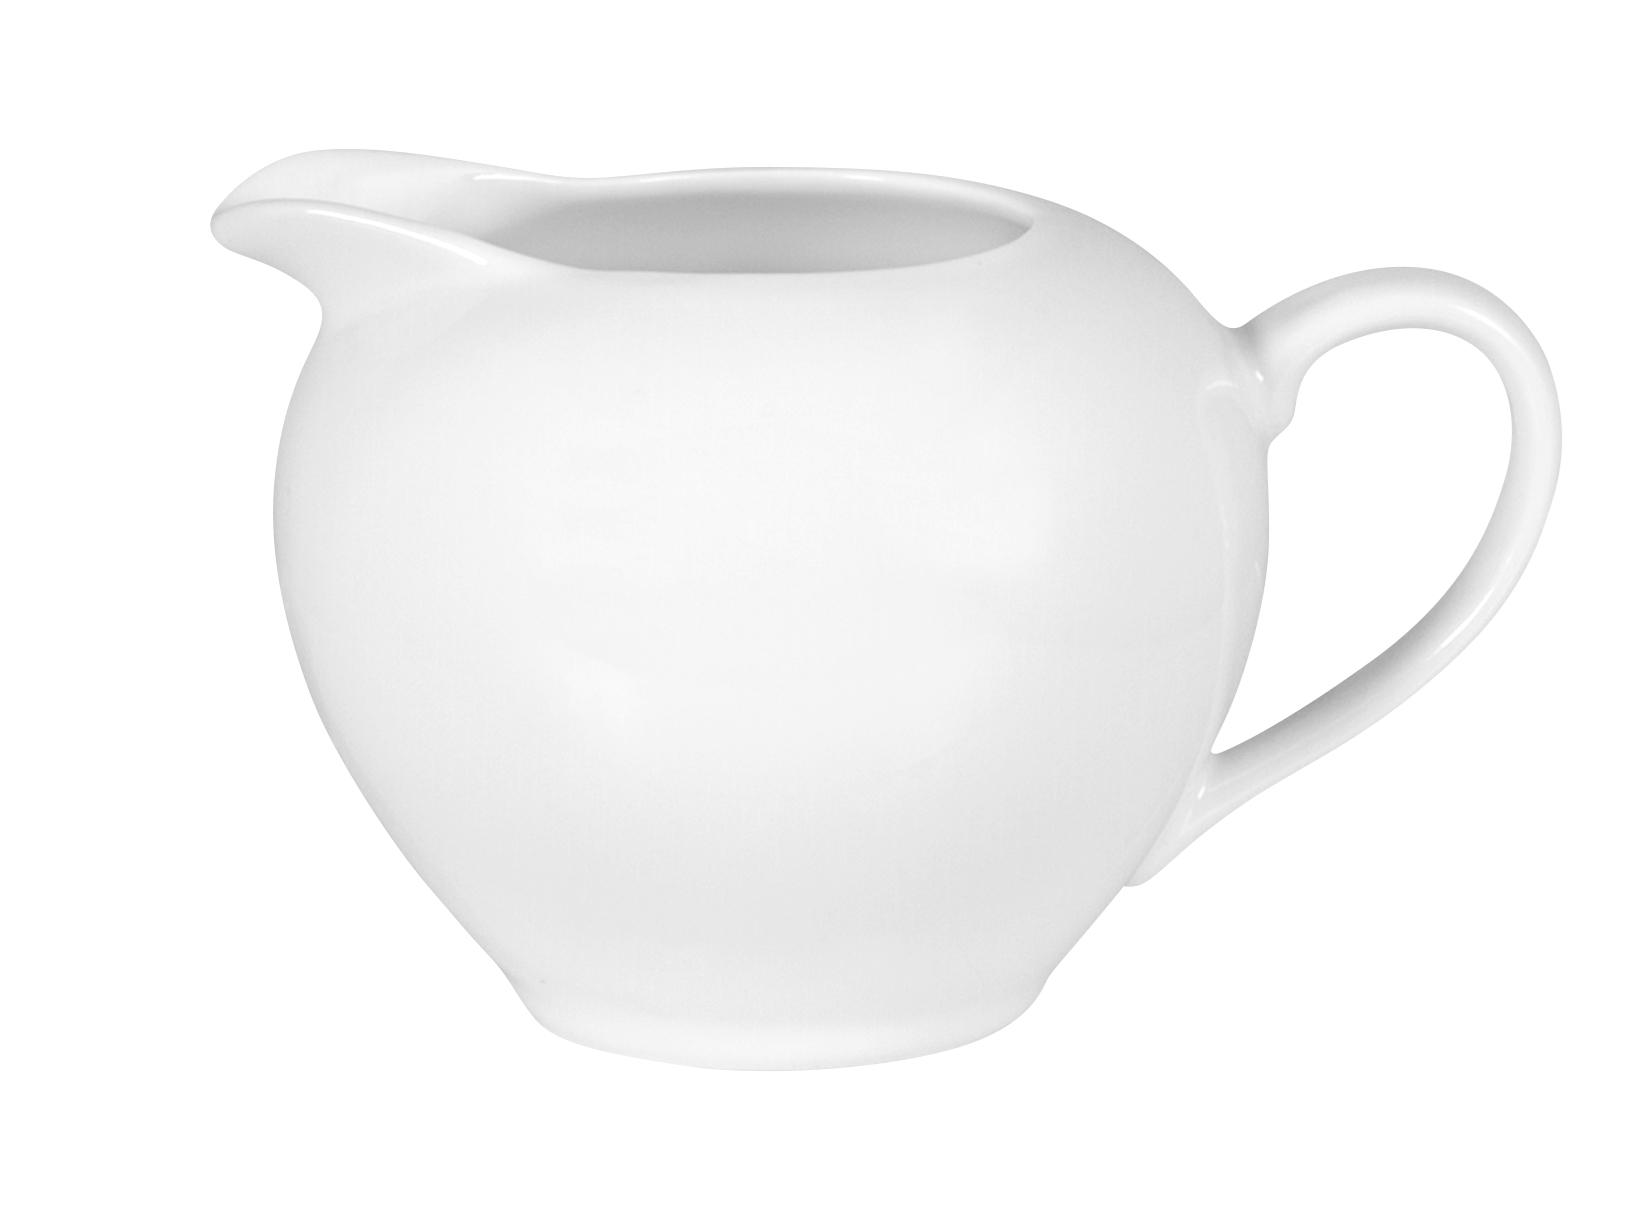 Lattiera In Porcellana, 280 Ml, Bianco